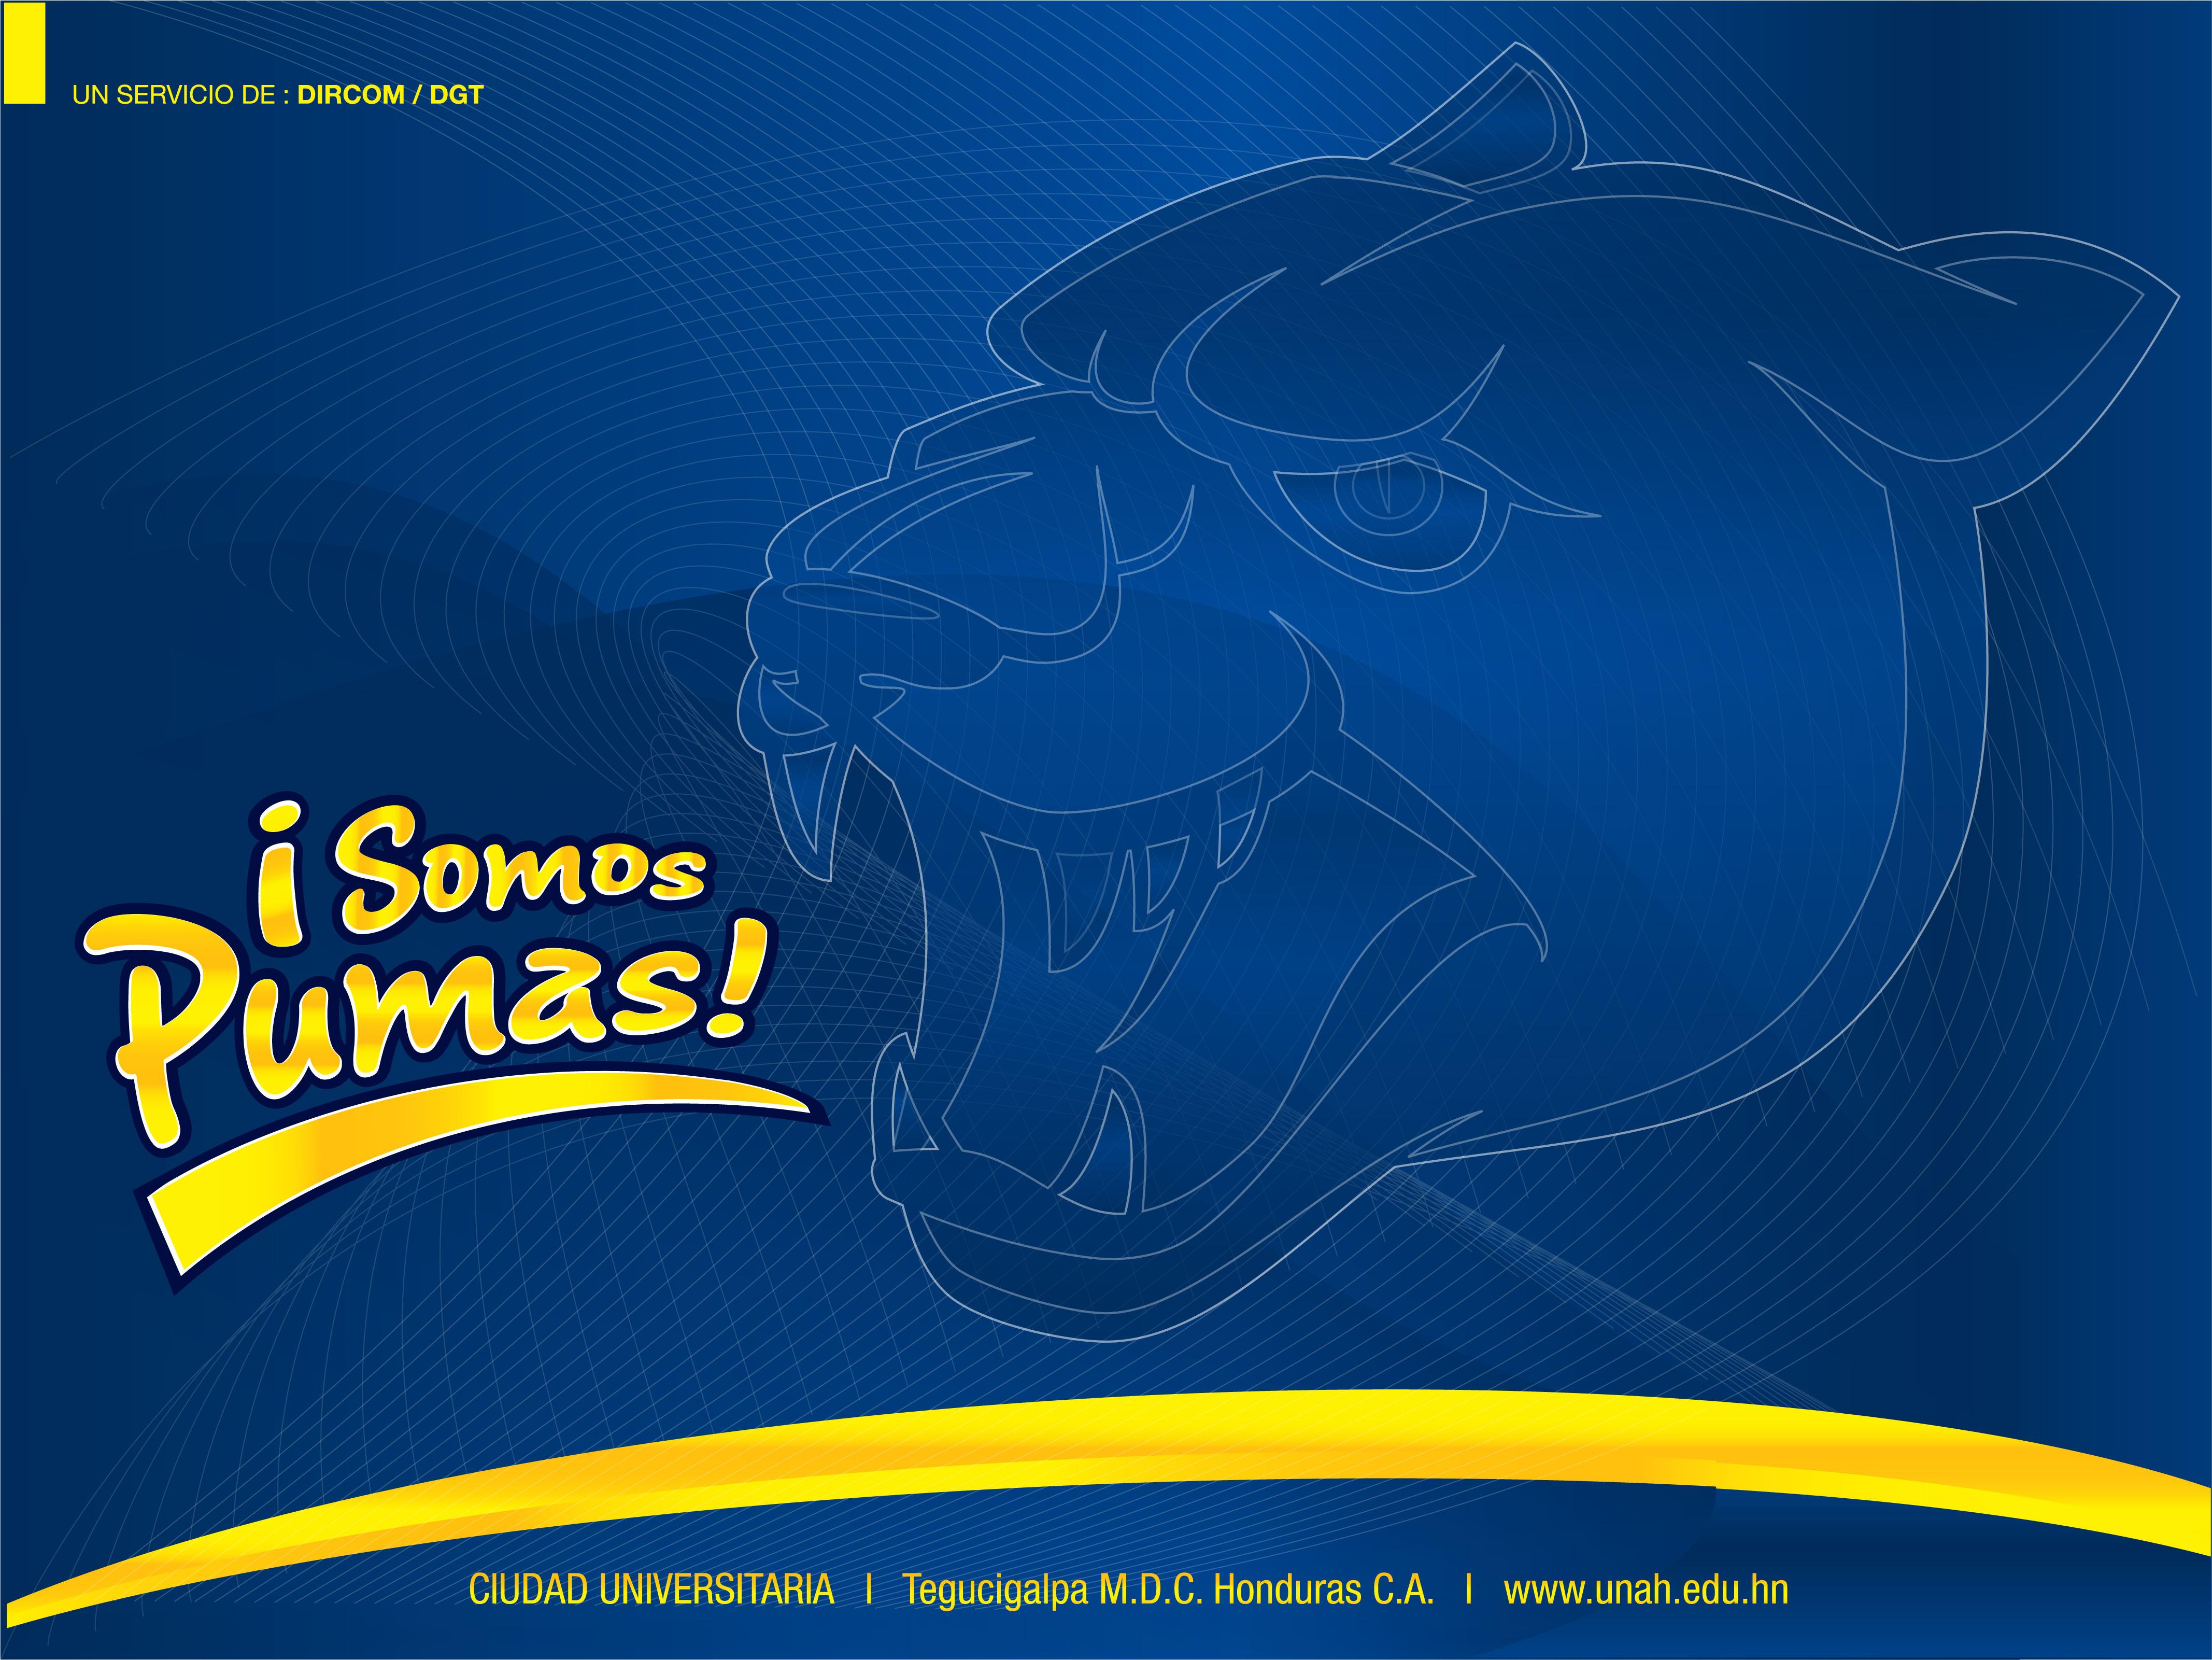 Pumas Unam Fondos De Pantalla Fondos De Pantalla